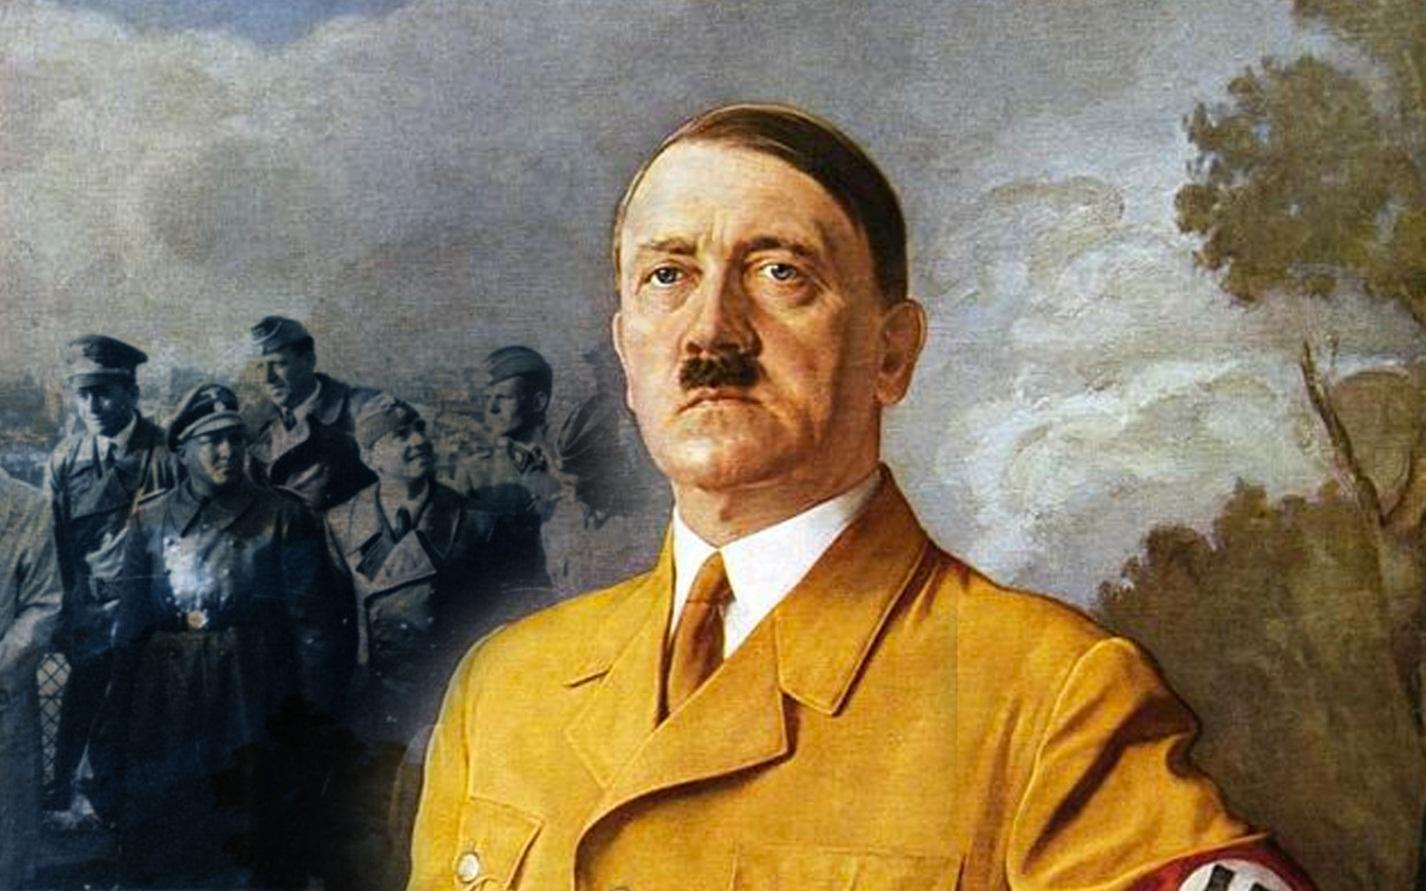 Что любил есть на обед Гитлер